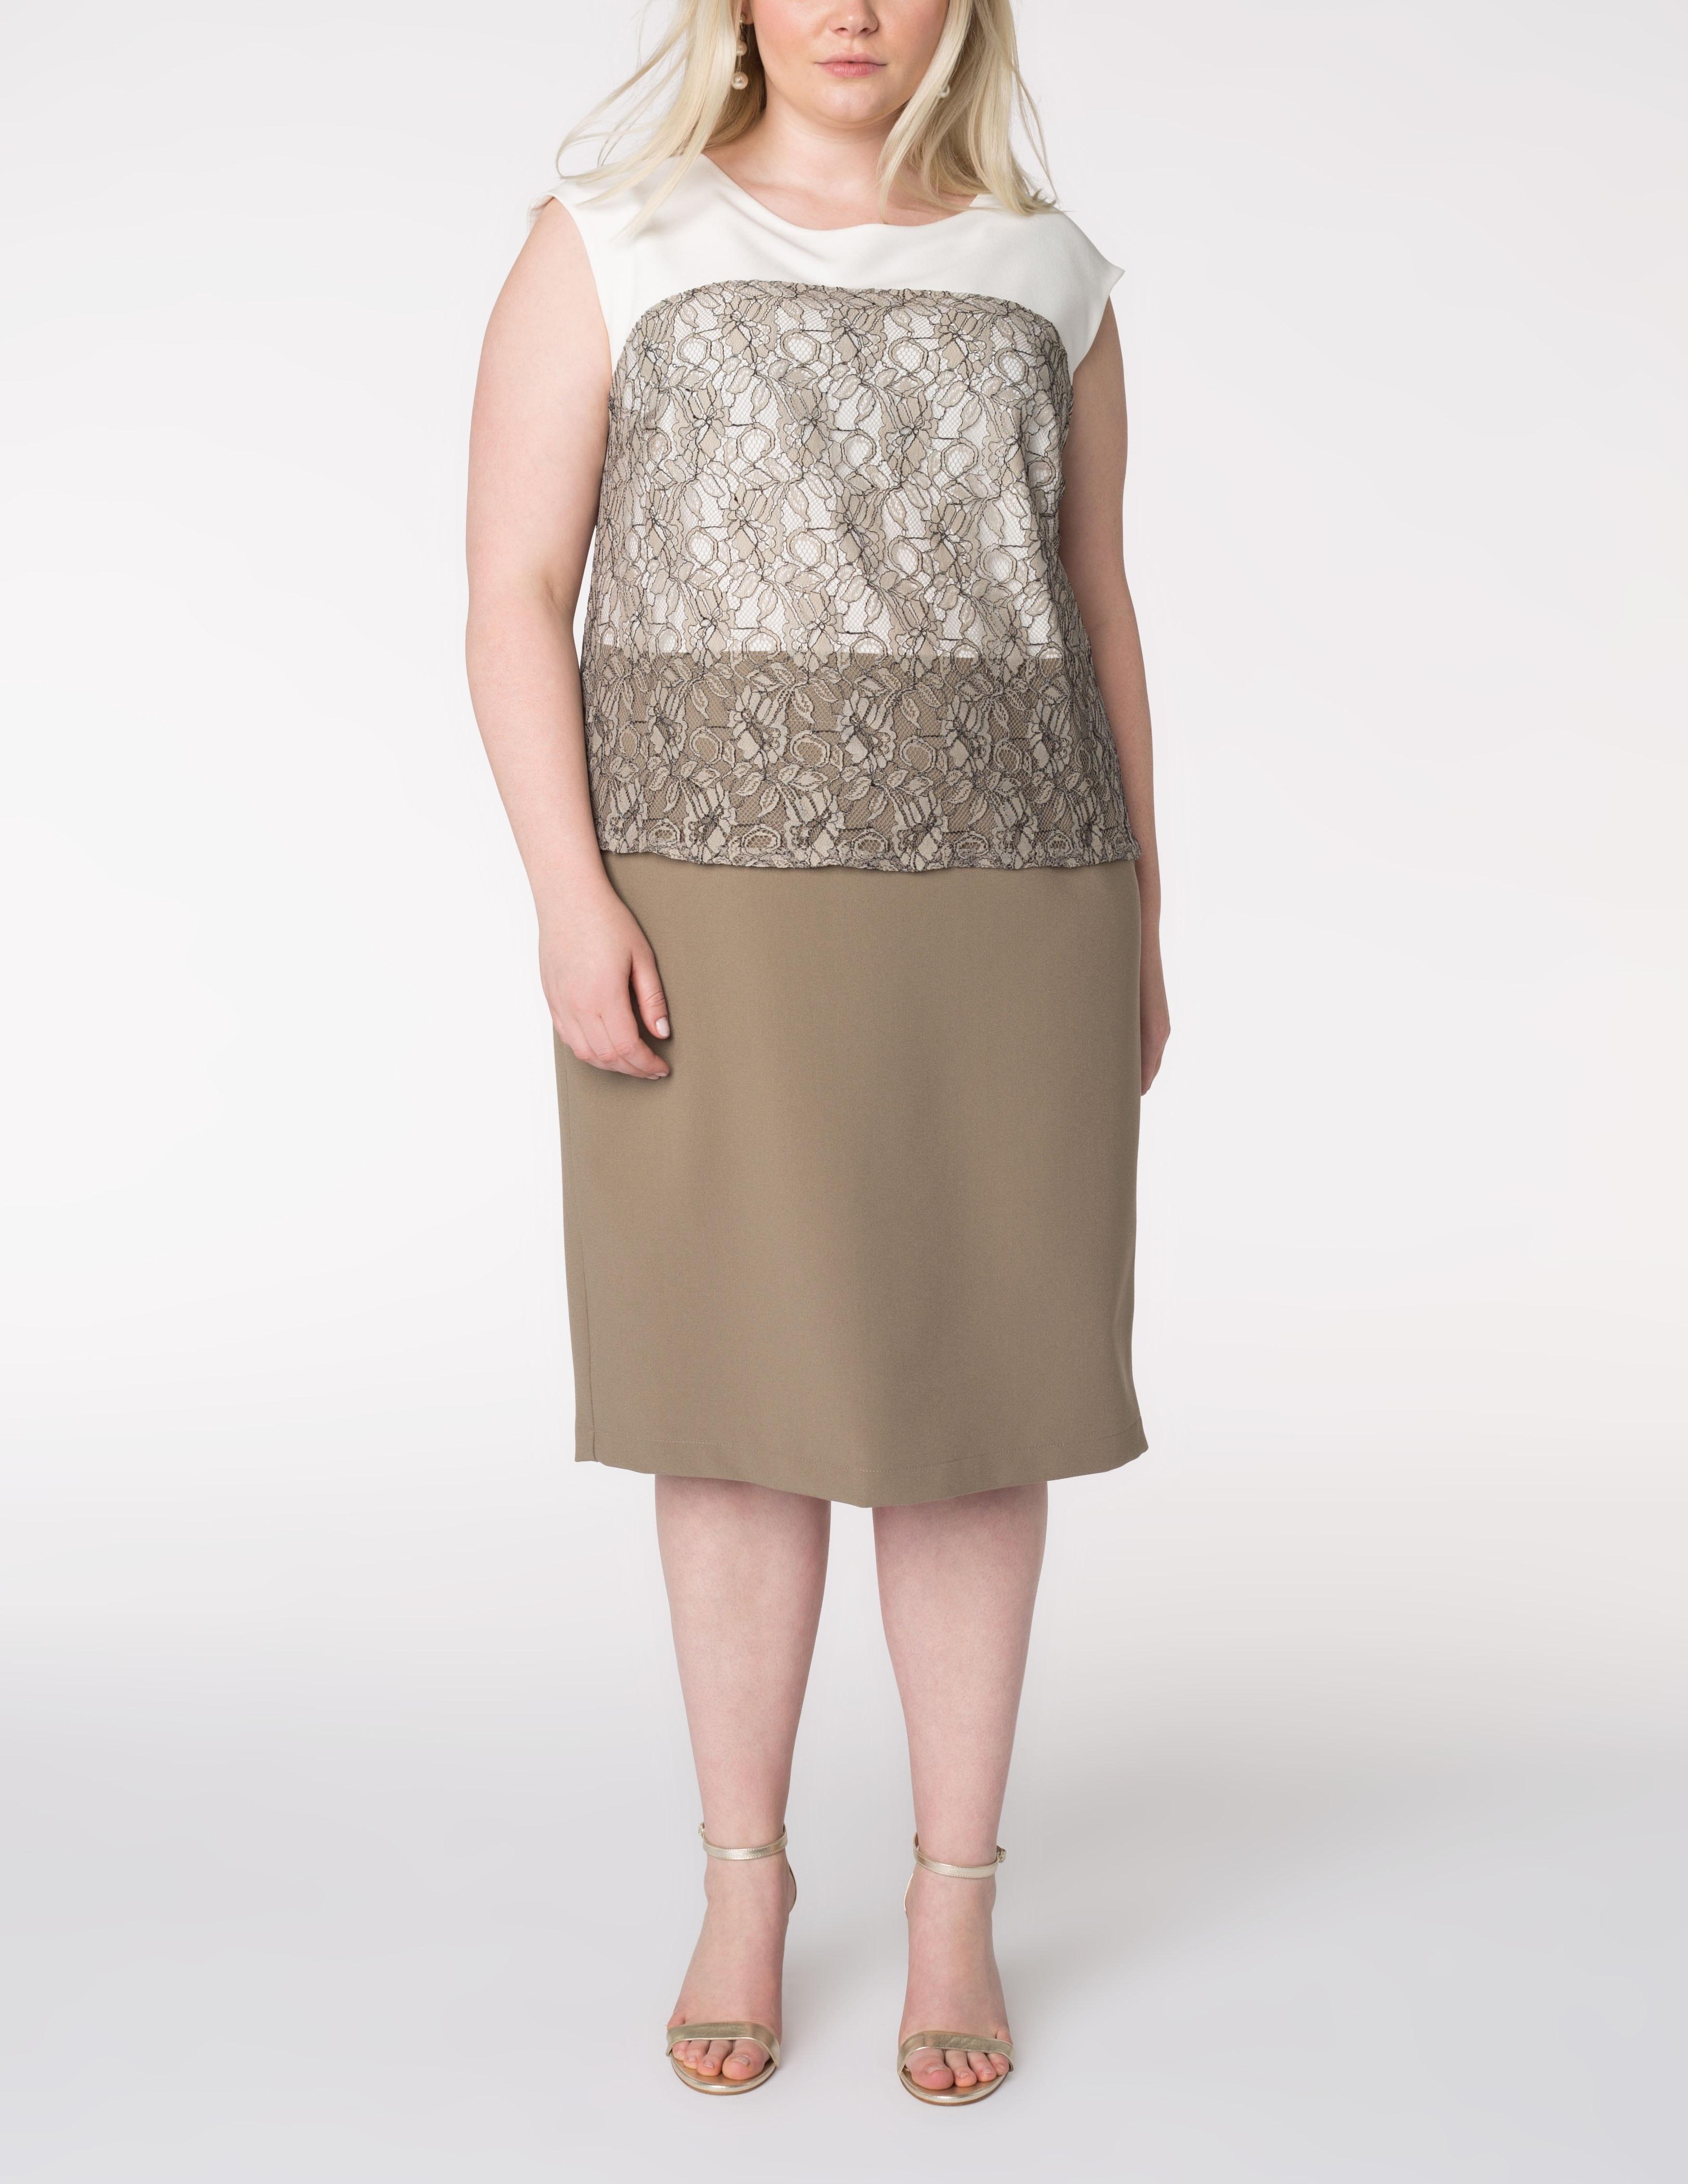 15 Ausgezeichnet Kleid Grau Spitze Boutique10 Ausgezeichnet Kleid Grau Spitze Design